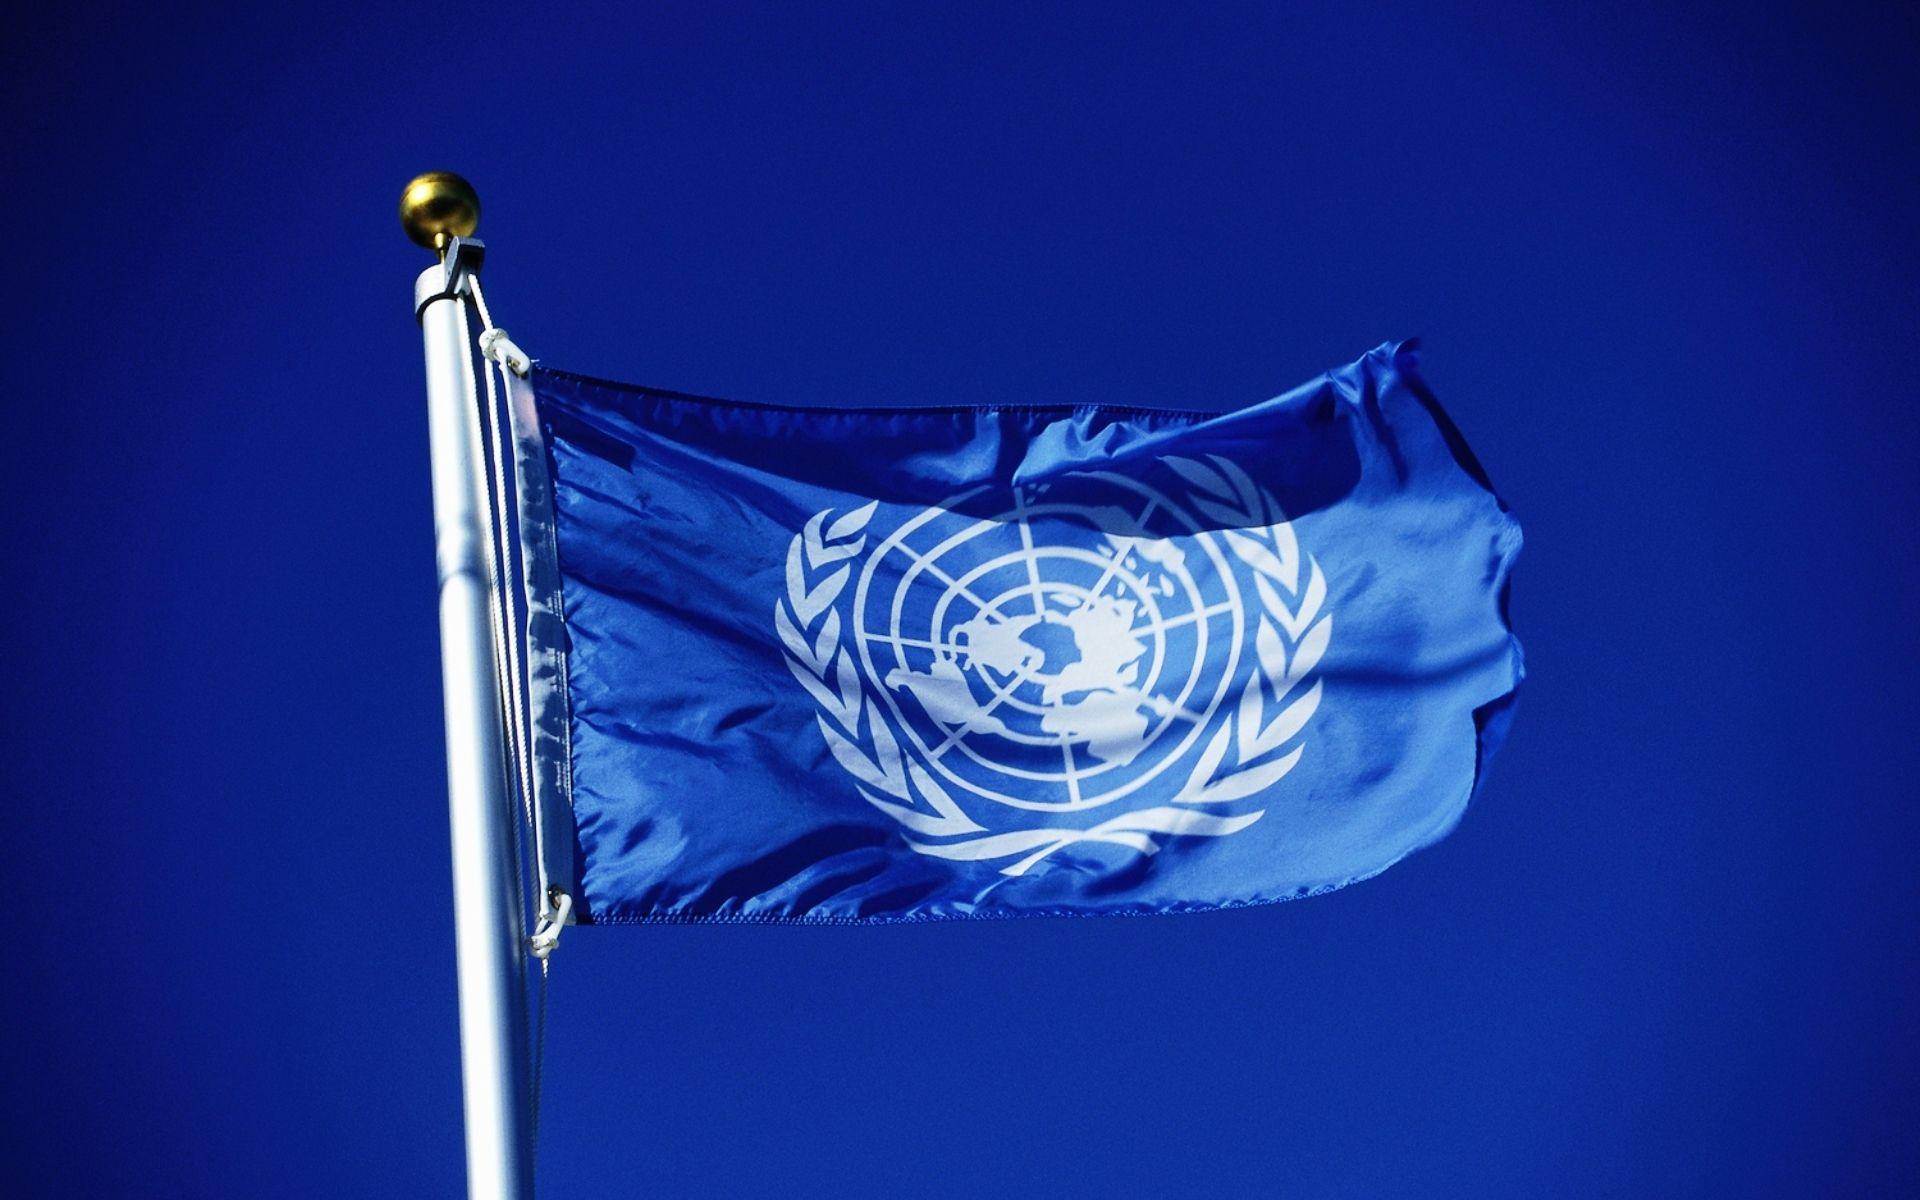 Эксперты ООН оценят реформу МВД в Казахстане- Kapital.kz